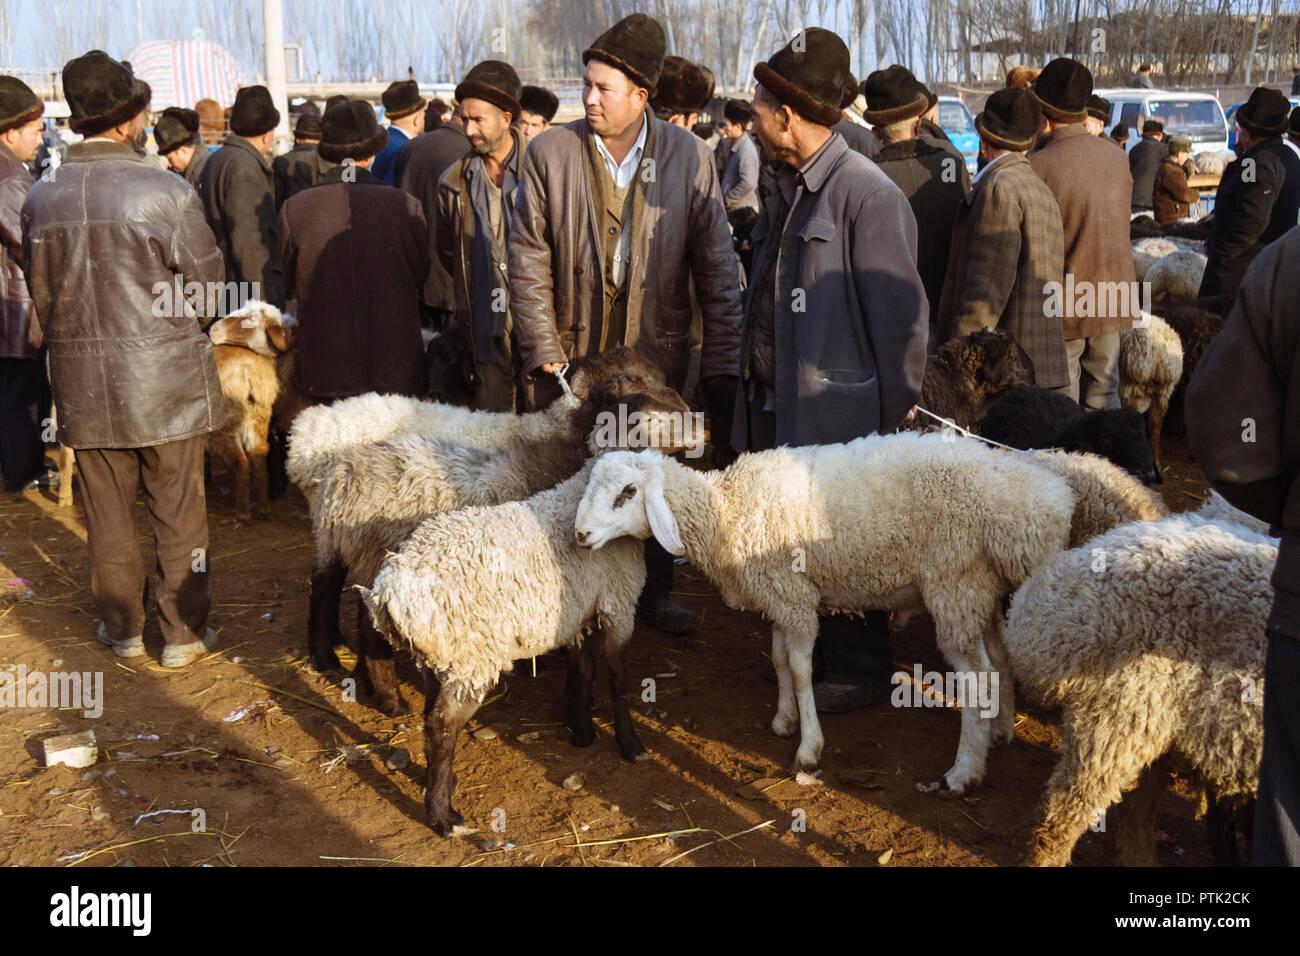 Kashgar, Xinjiang, Chine: Uyghur hommes Achat et vente d'ovins au mal, le grand bazar du marché du bétail Dimanche de Kashgar. Photo Stock